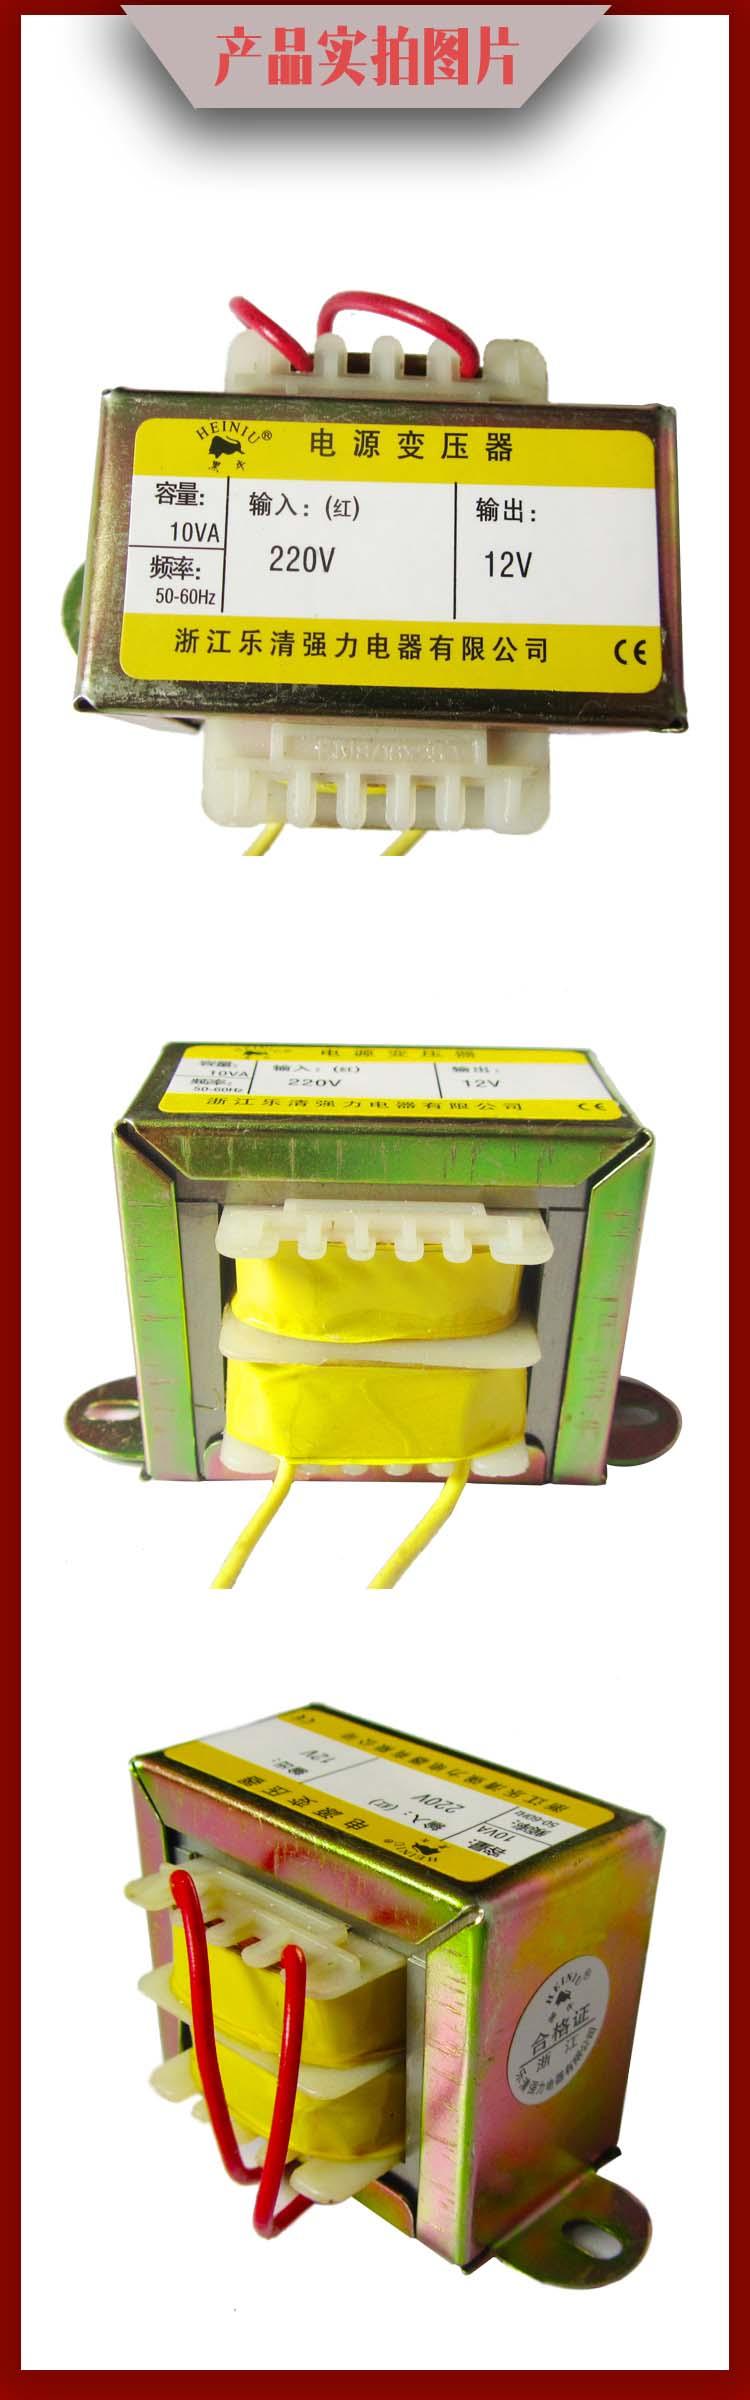 小型電源變壓器-34